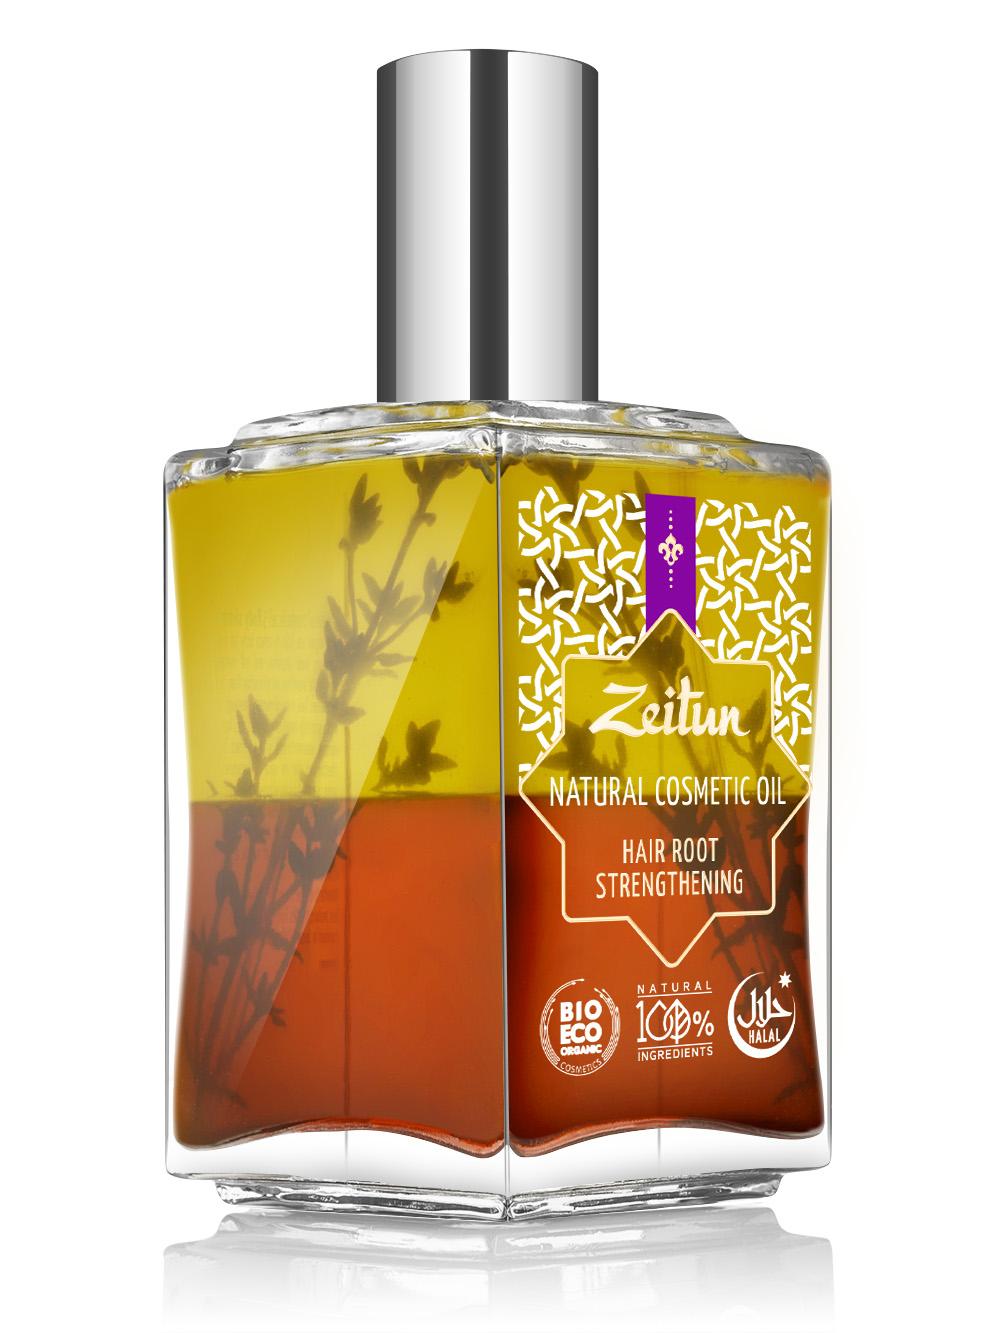 ZEITUN Косметическое масло №3 для укрепления корней волос 100 мл